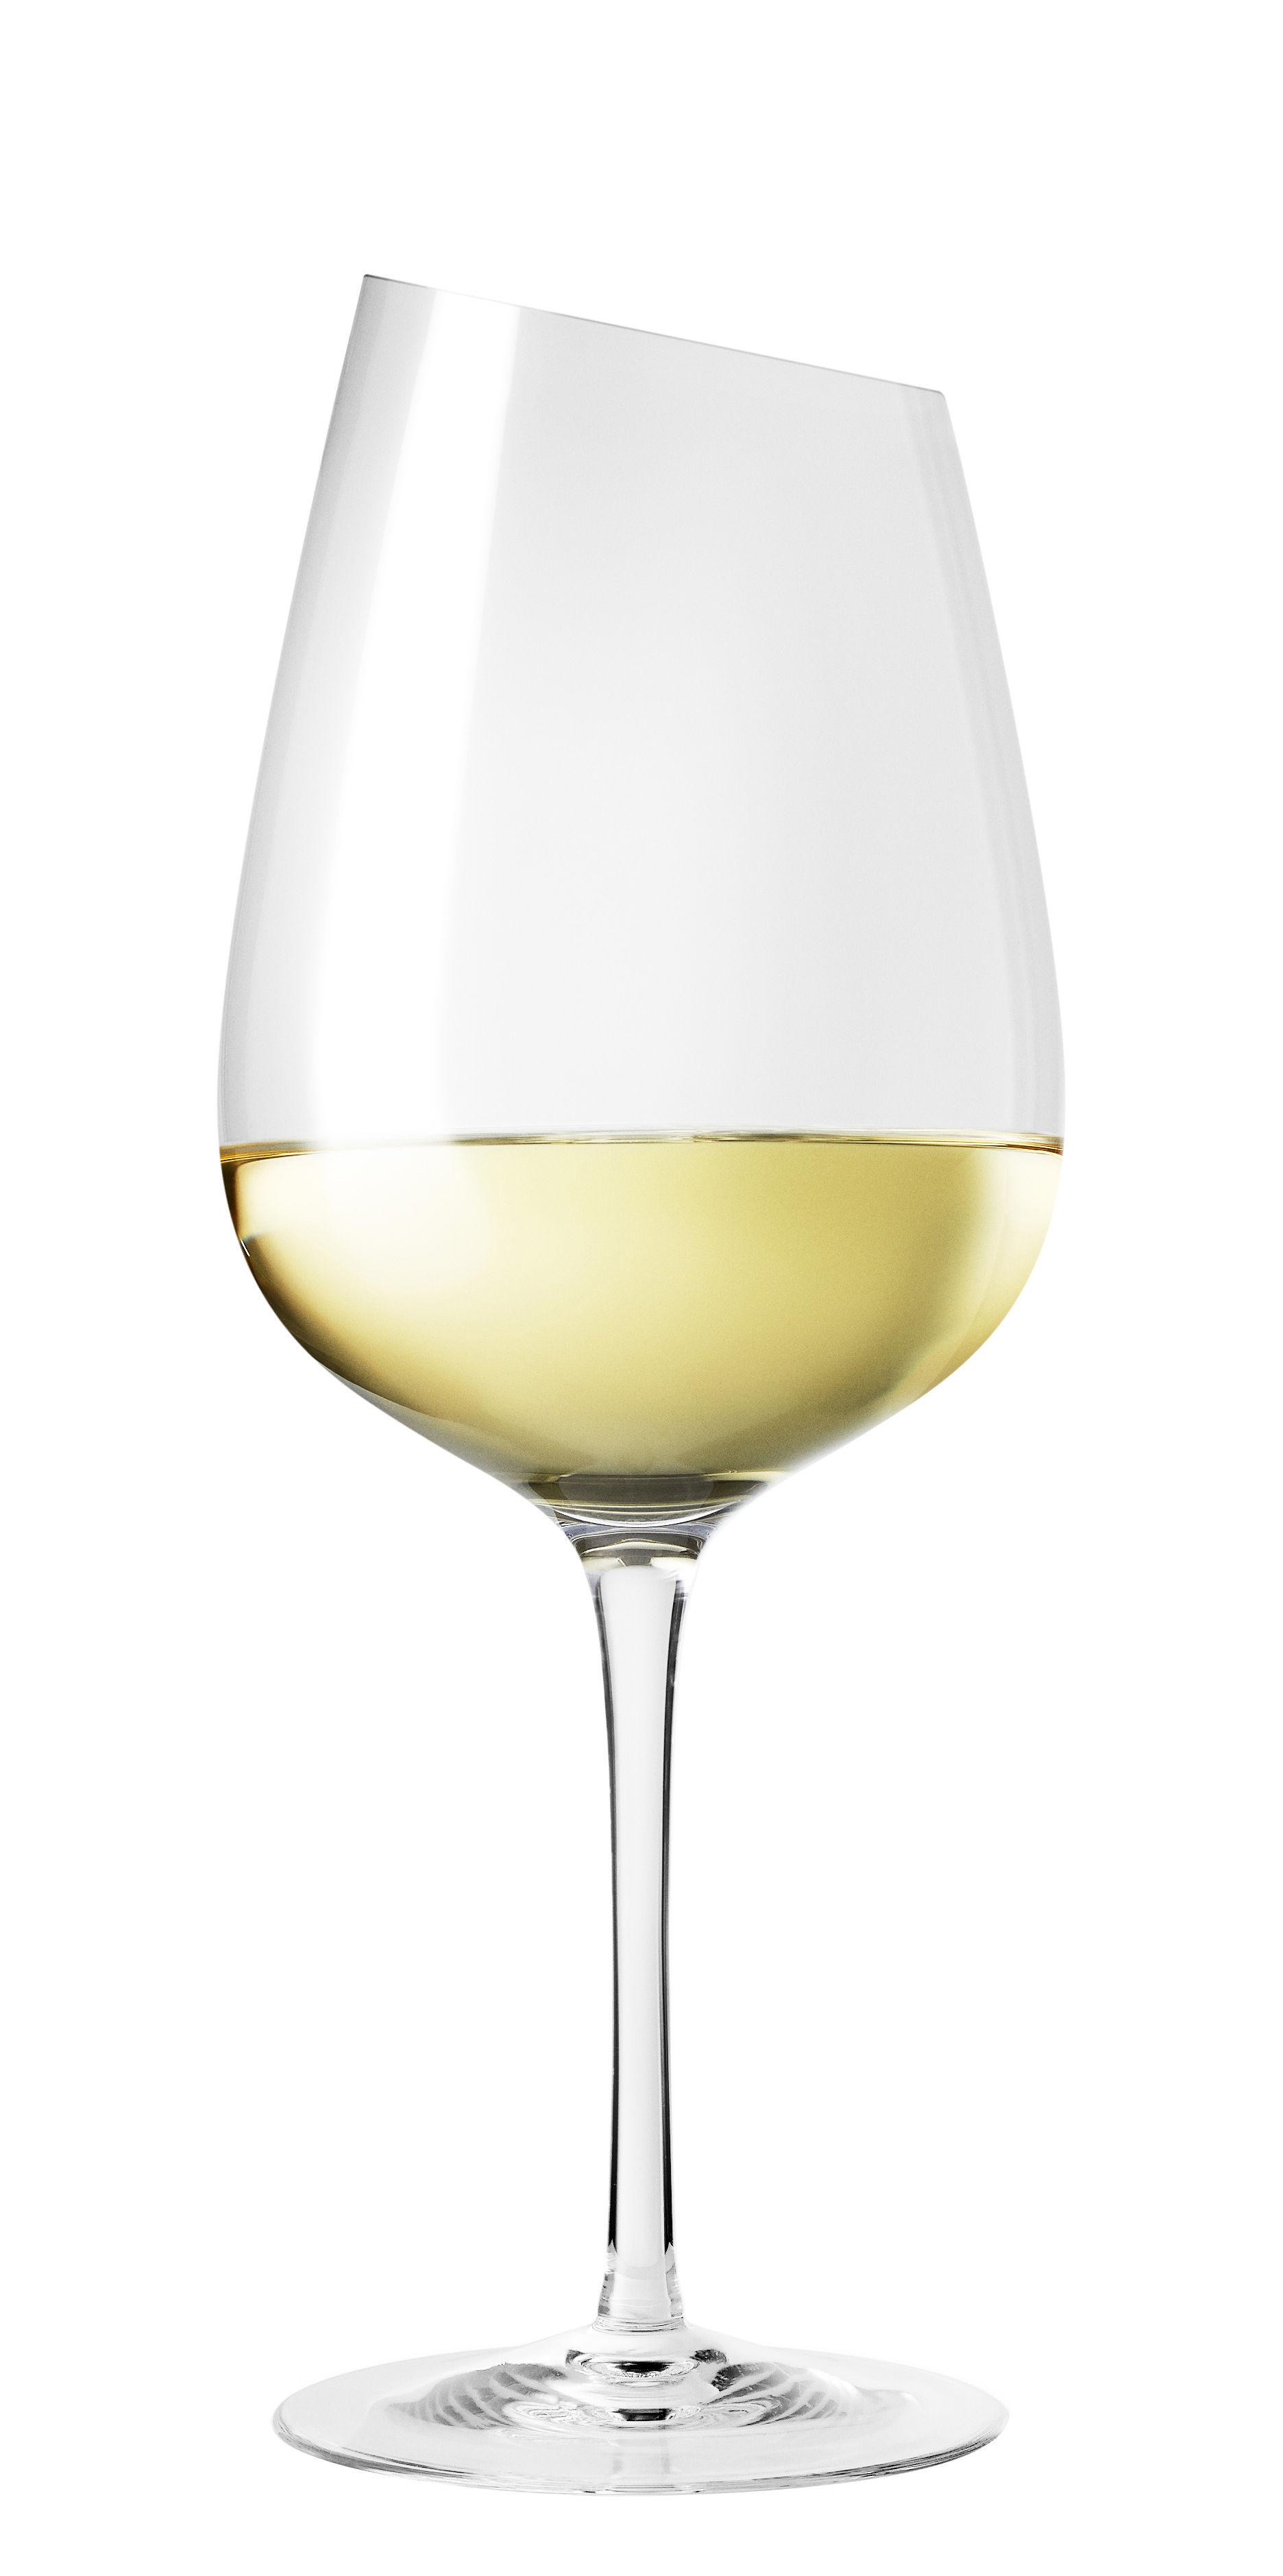 Tableware - Wine Glasses & Glassware - Magnum White wine glass - / 60 cl by Eva Solo - White wine(60 cl) - Mouth blown glass